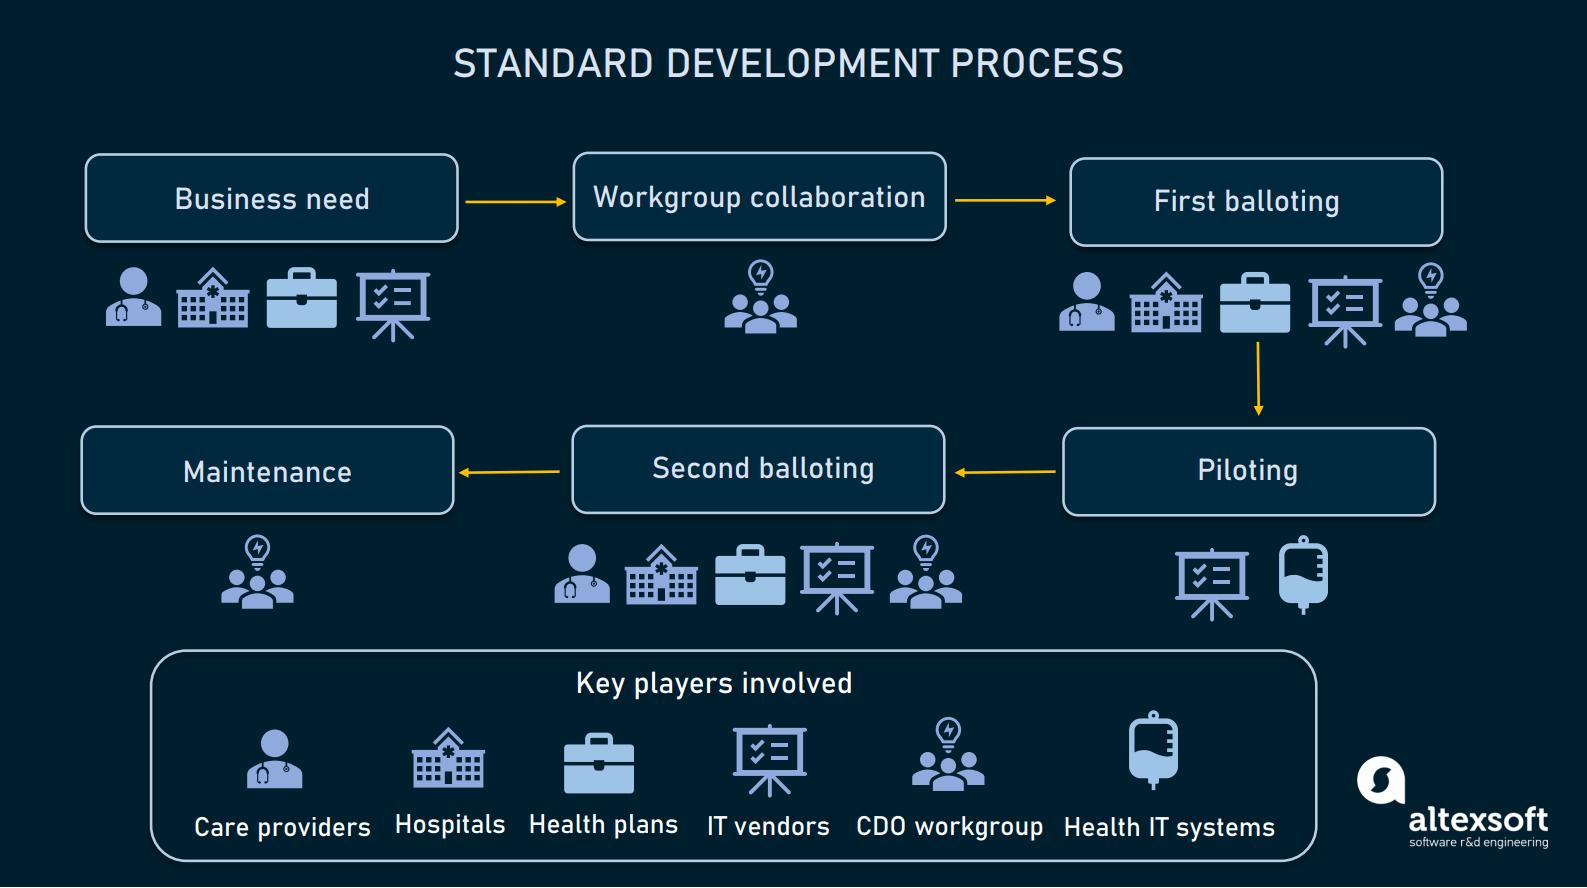 Standard development process